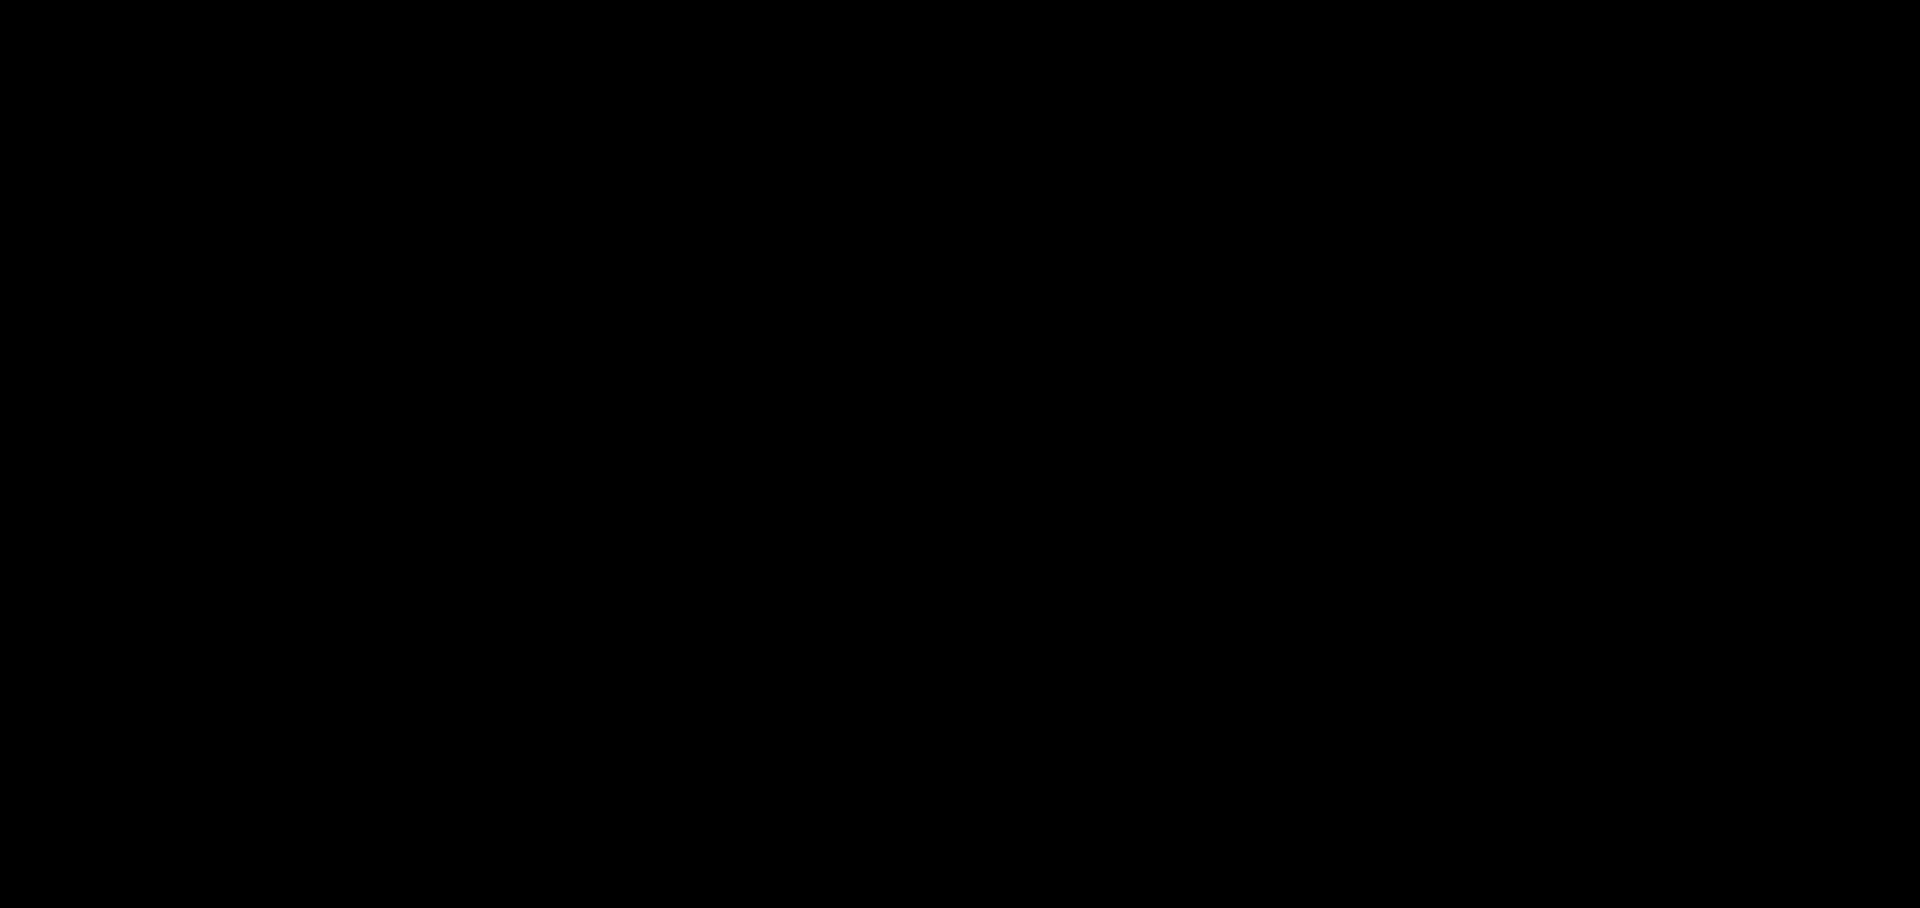 حمض الجلوتاميك (حمض الغلوتاميك) Glutamic acid